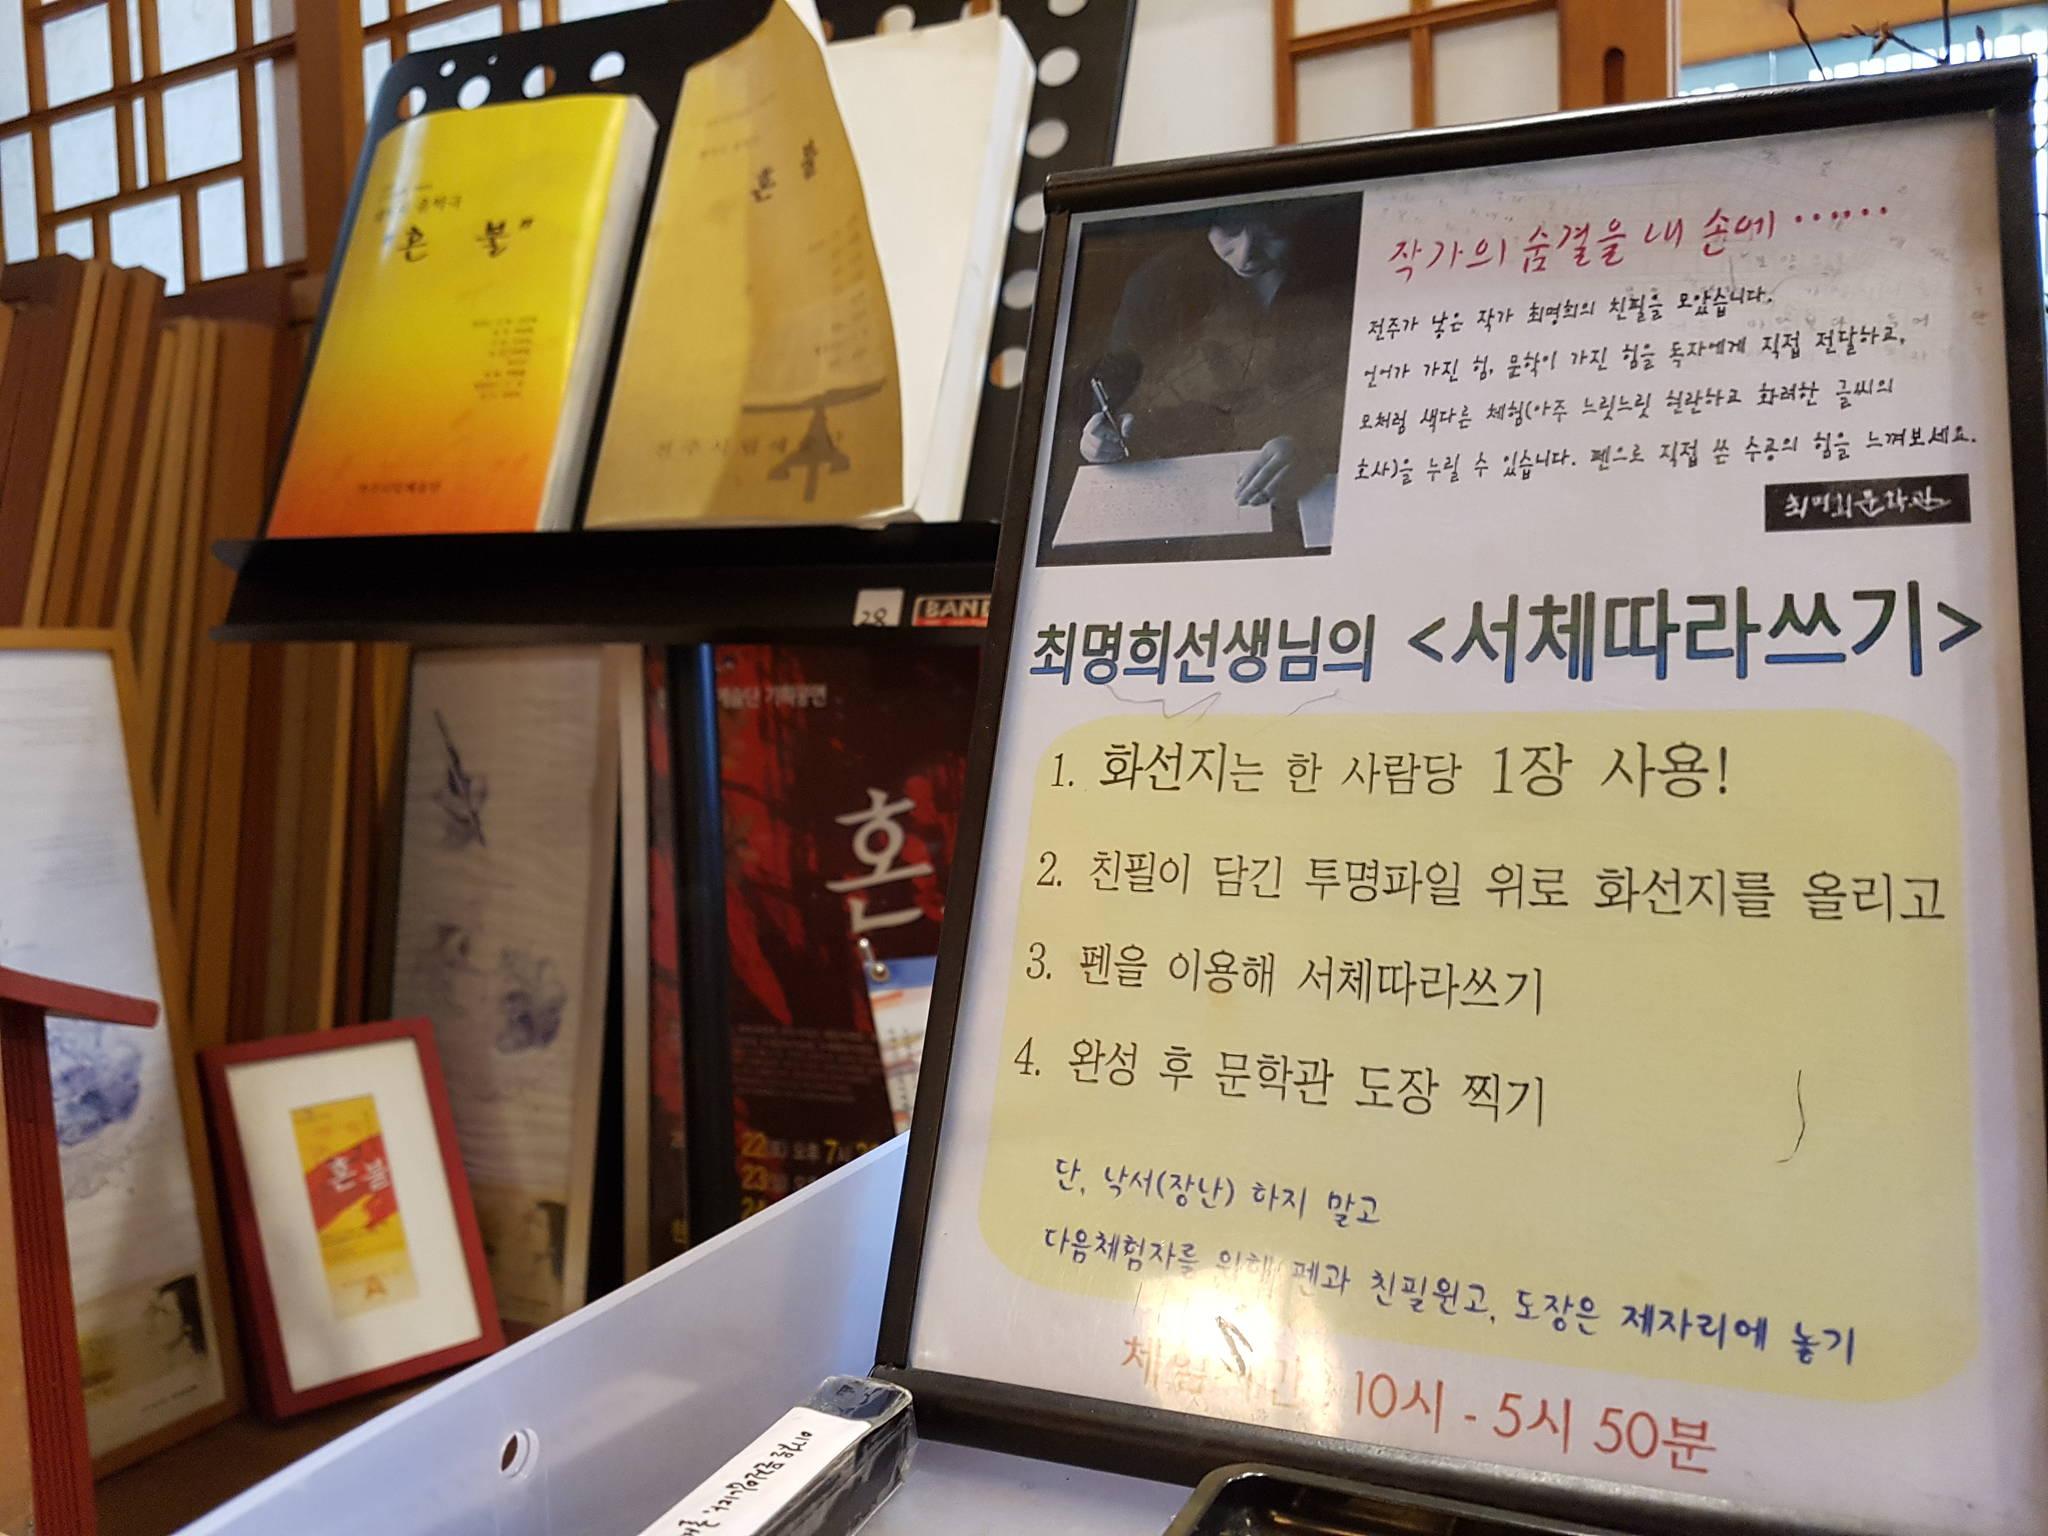 문학관에선 최명희의 서체를 따라 쓰는 프로그램을 운영한다. 전주=김준희 기자